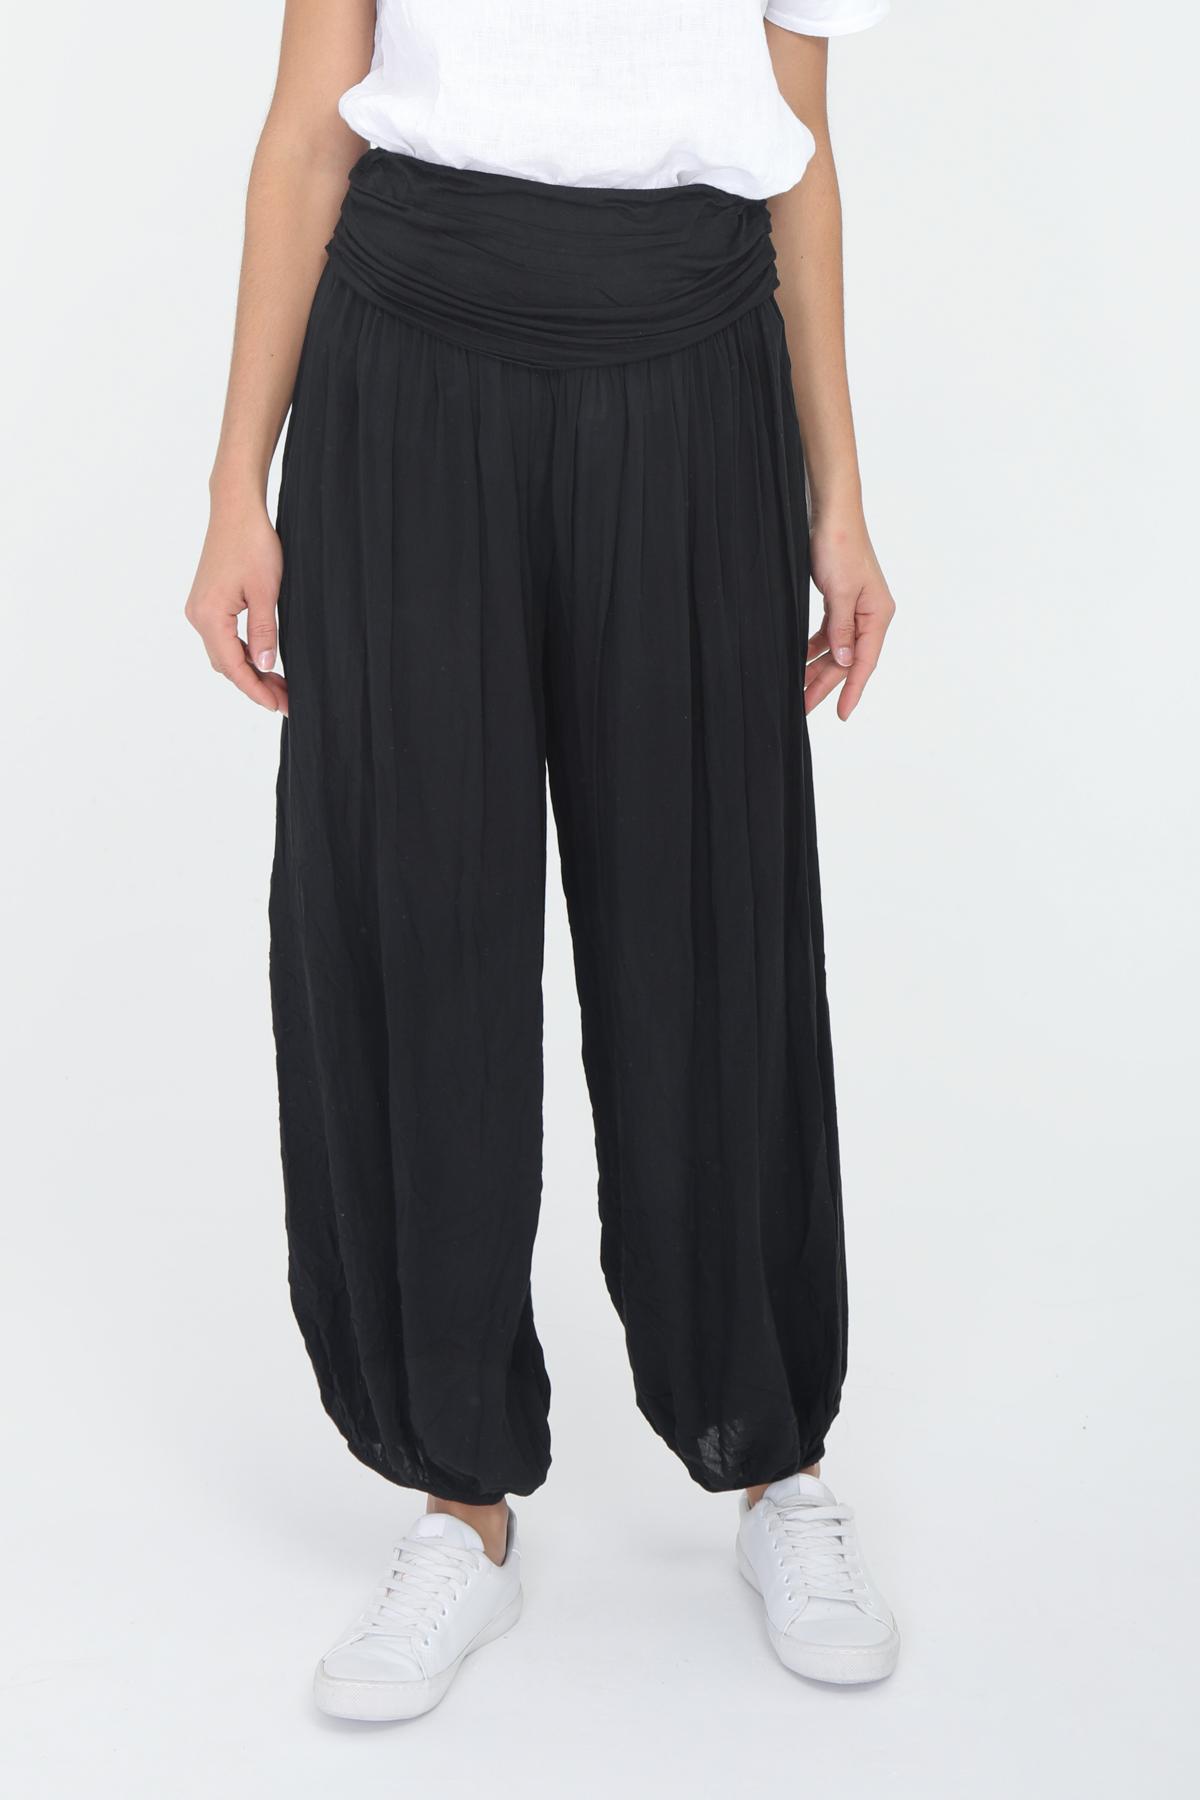 Pantalons Femme Noir CHANA MOD PT211 #c eFashion Paris